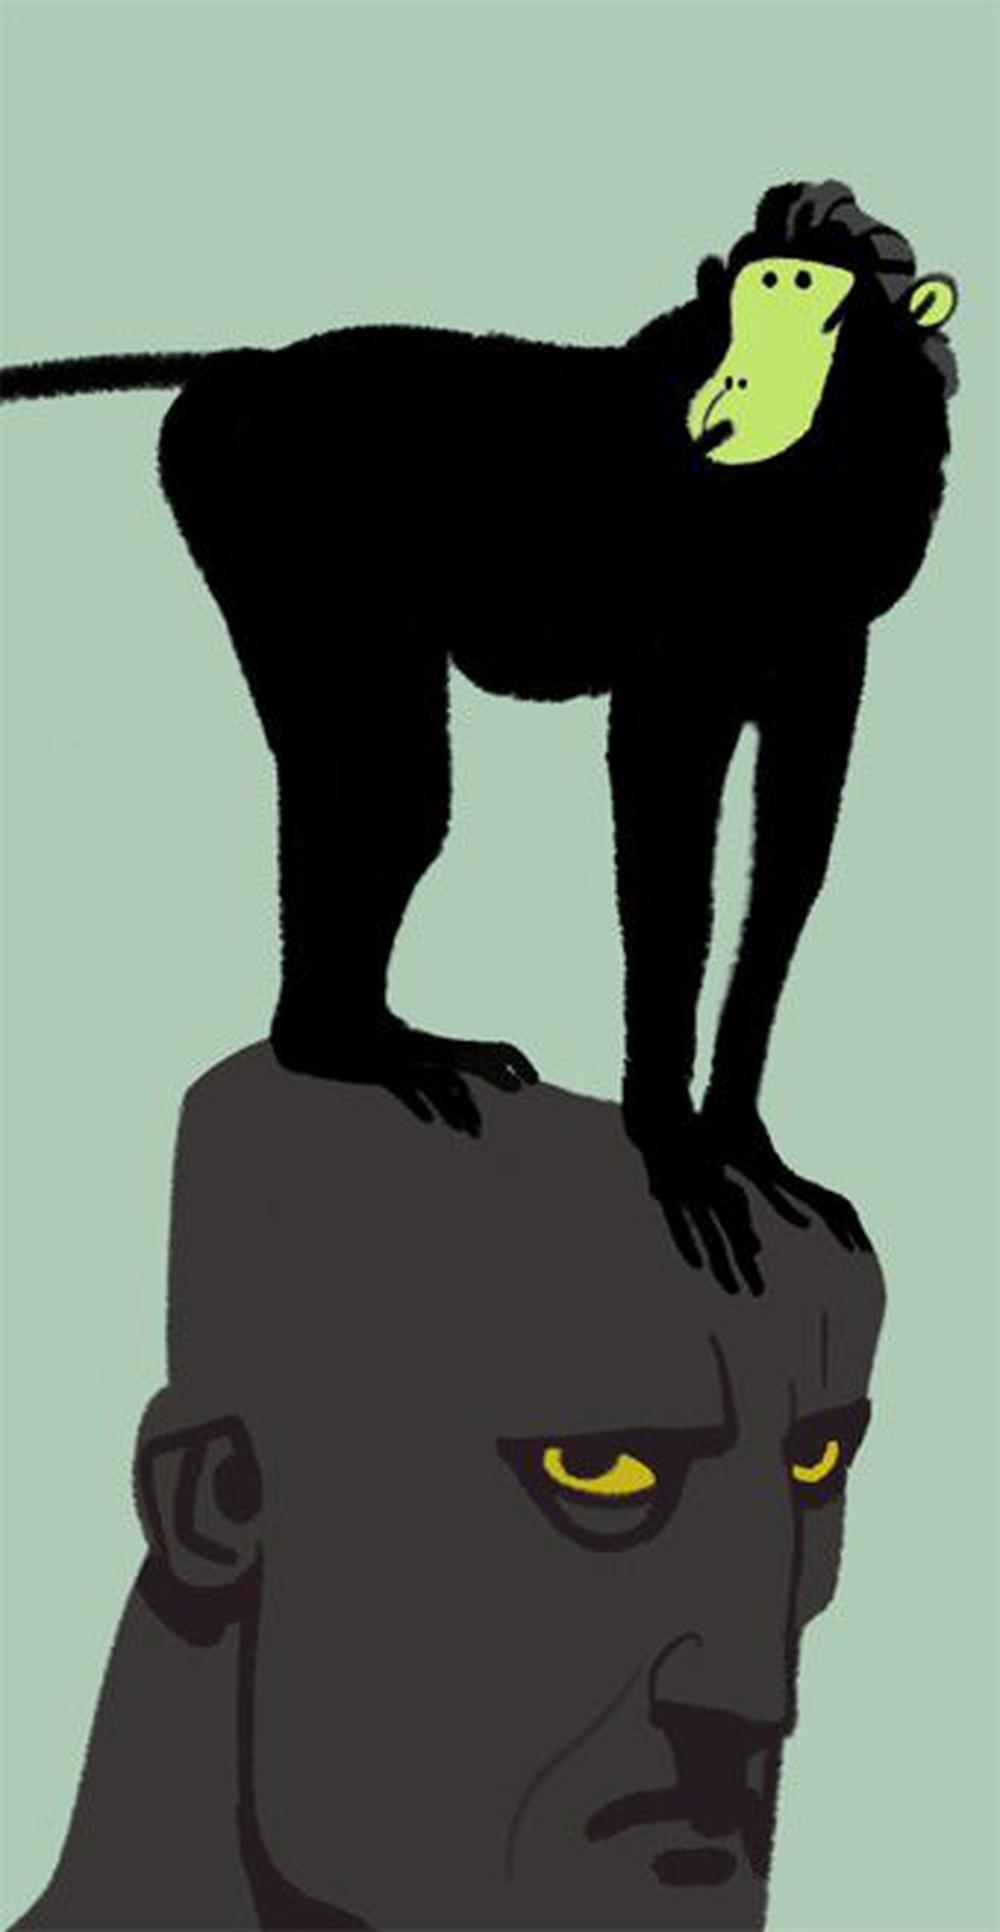 [esprit du singe] un terme qui fait référence au fait d'être instable, agité ou confus